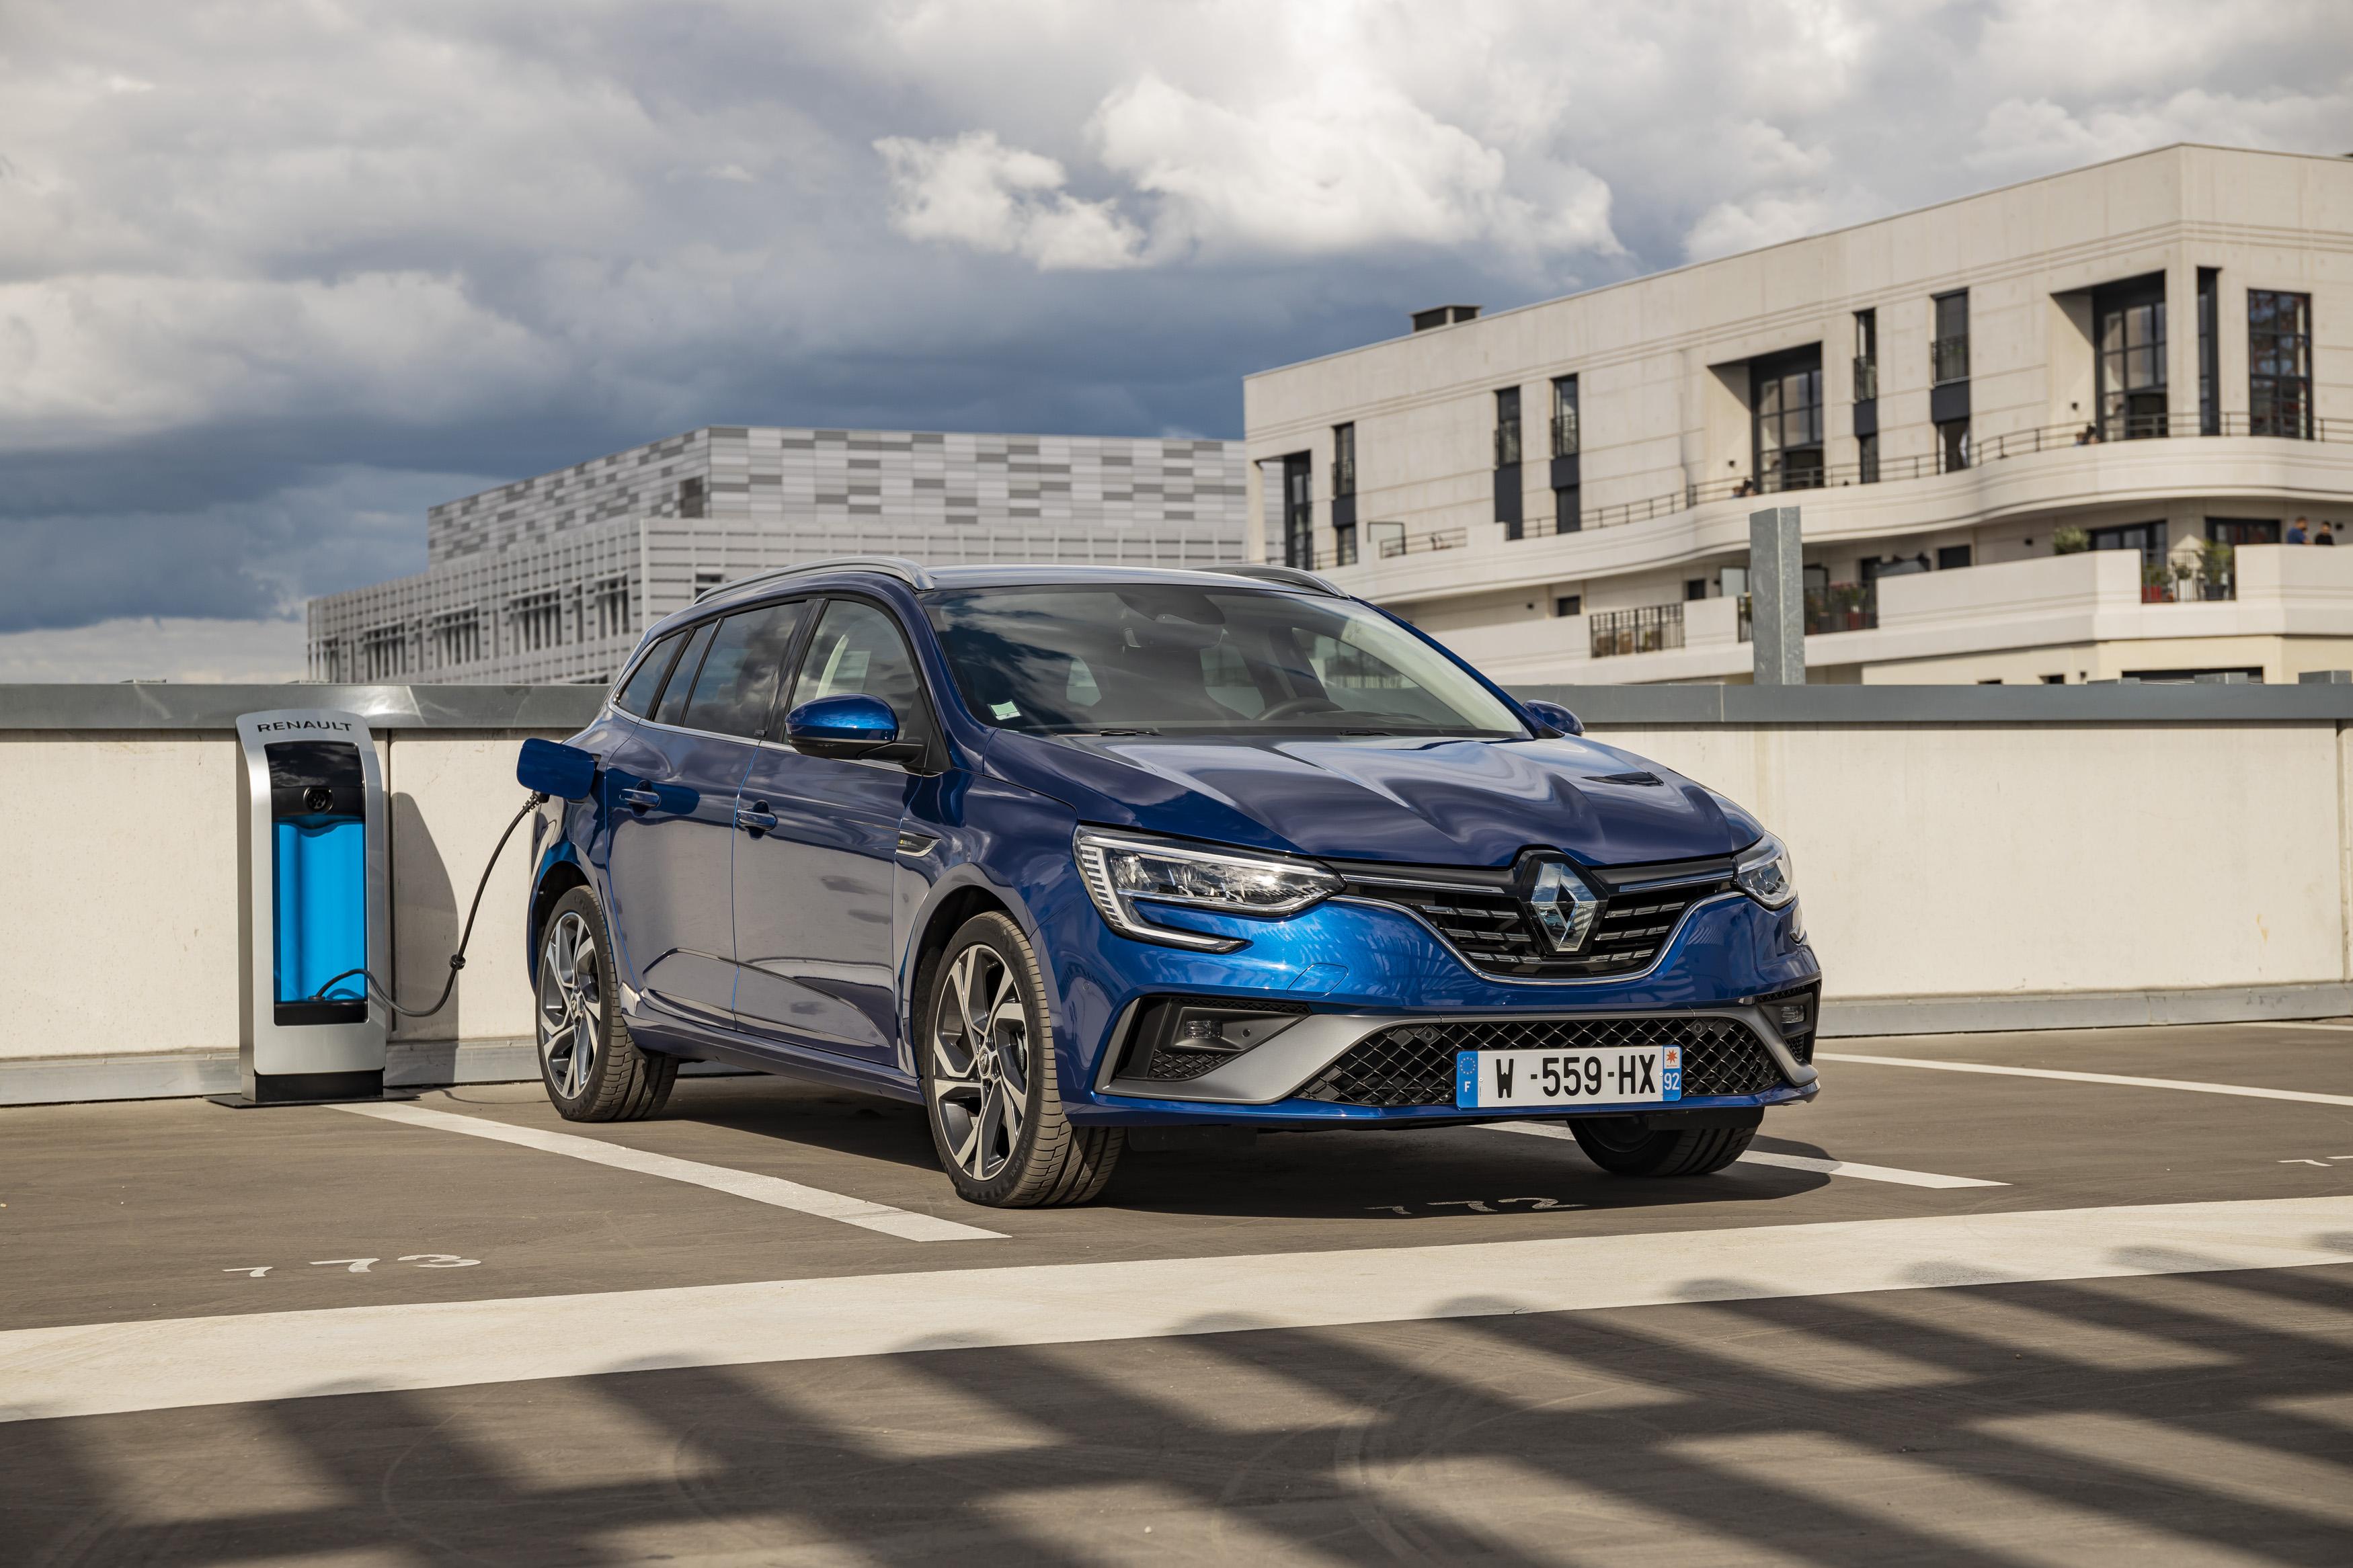 2020 - Essais Presse Nouvelle Renault MEGANE E-TECH plug-in (4)